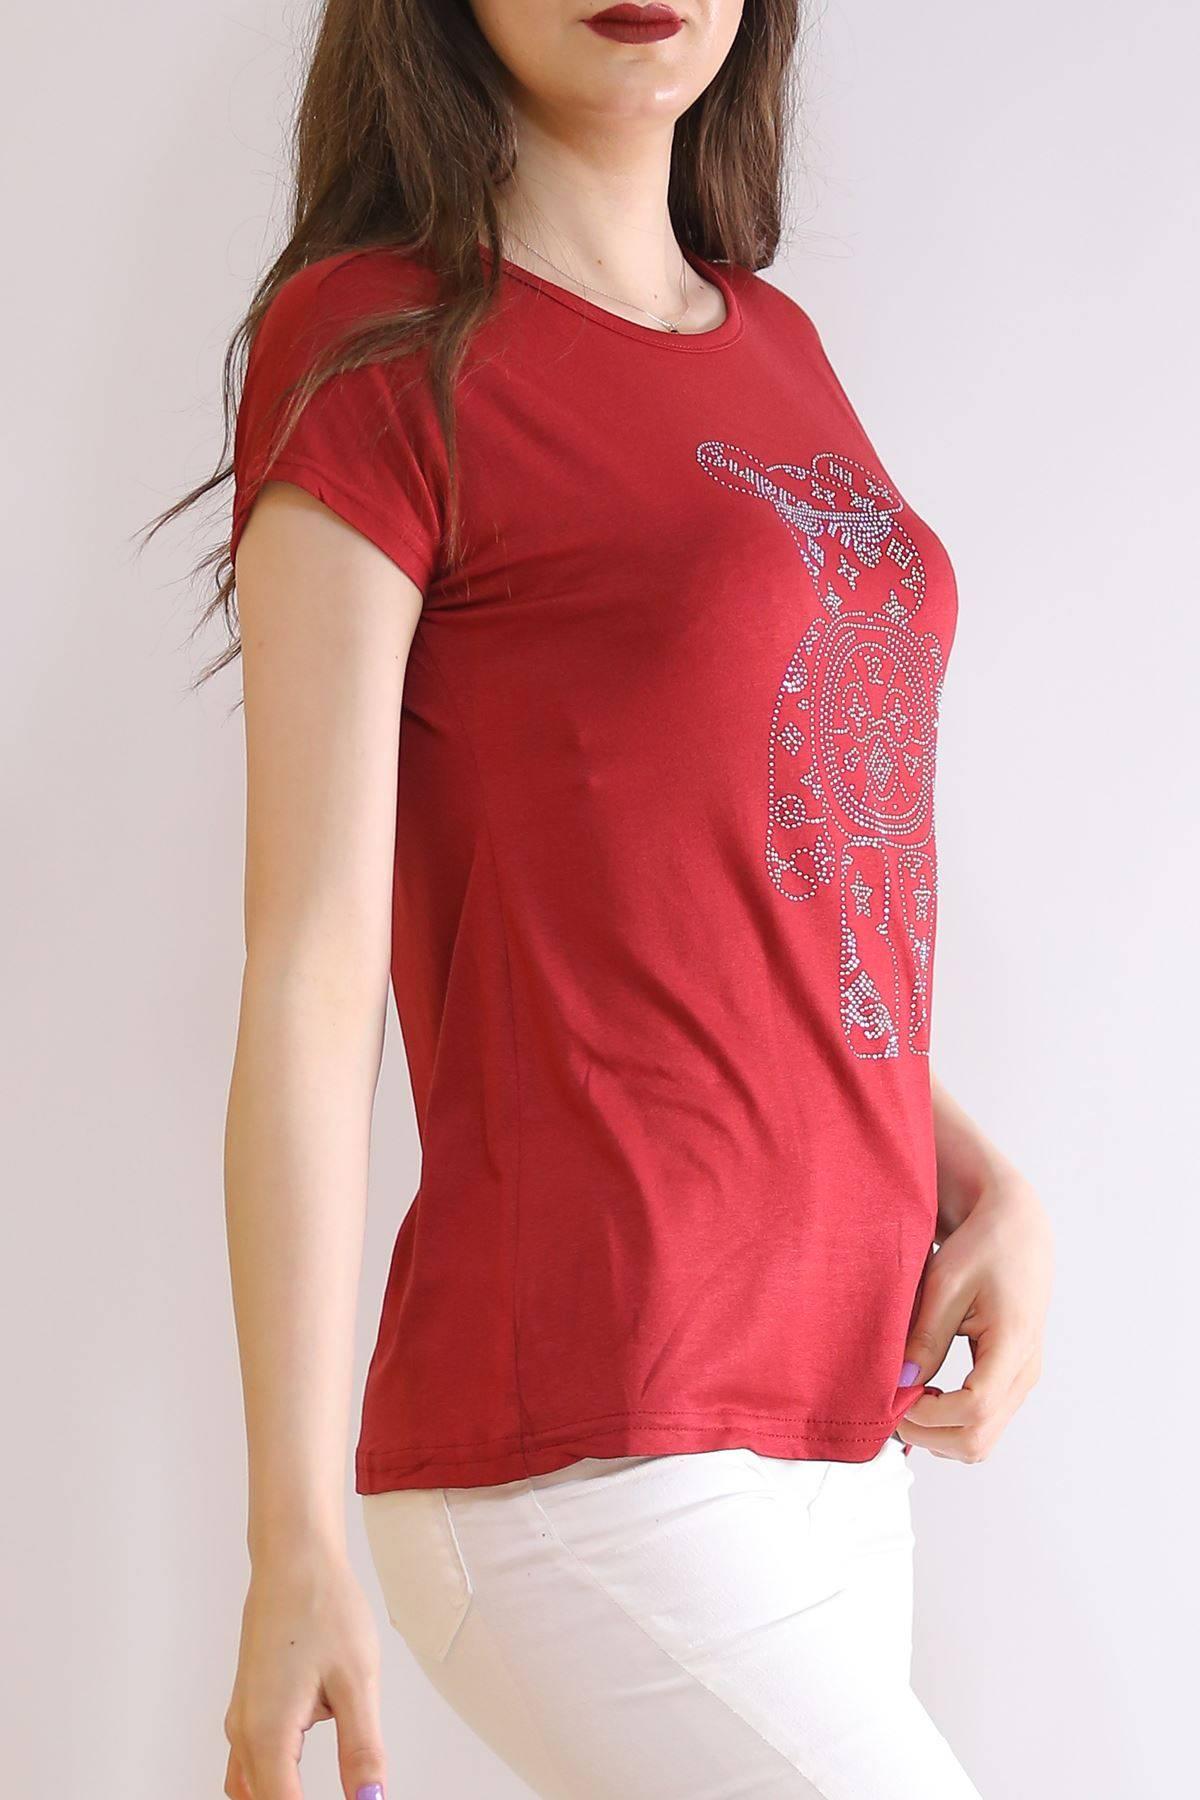 İnci Baskılı Tişört Bordo - 6518.599.